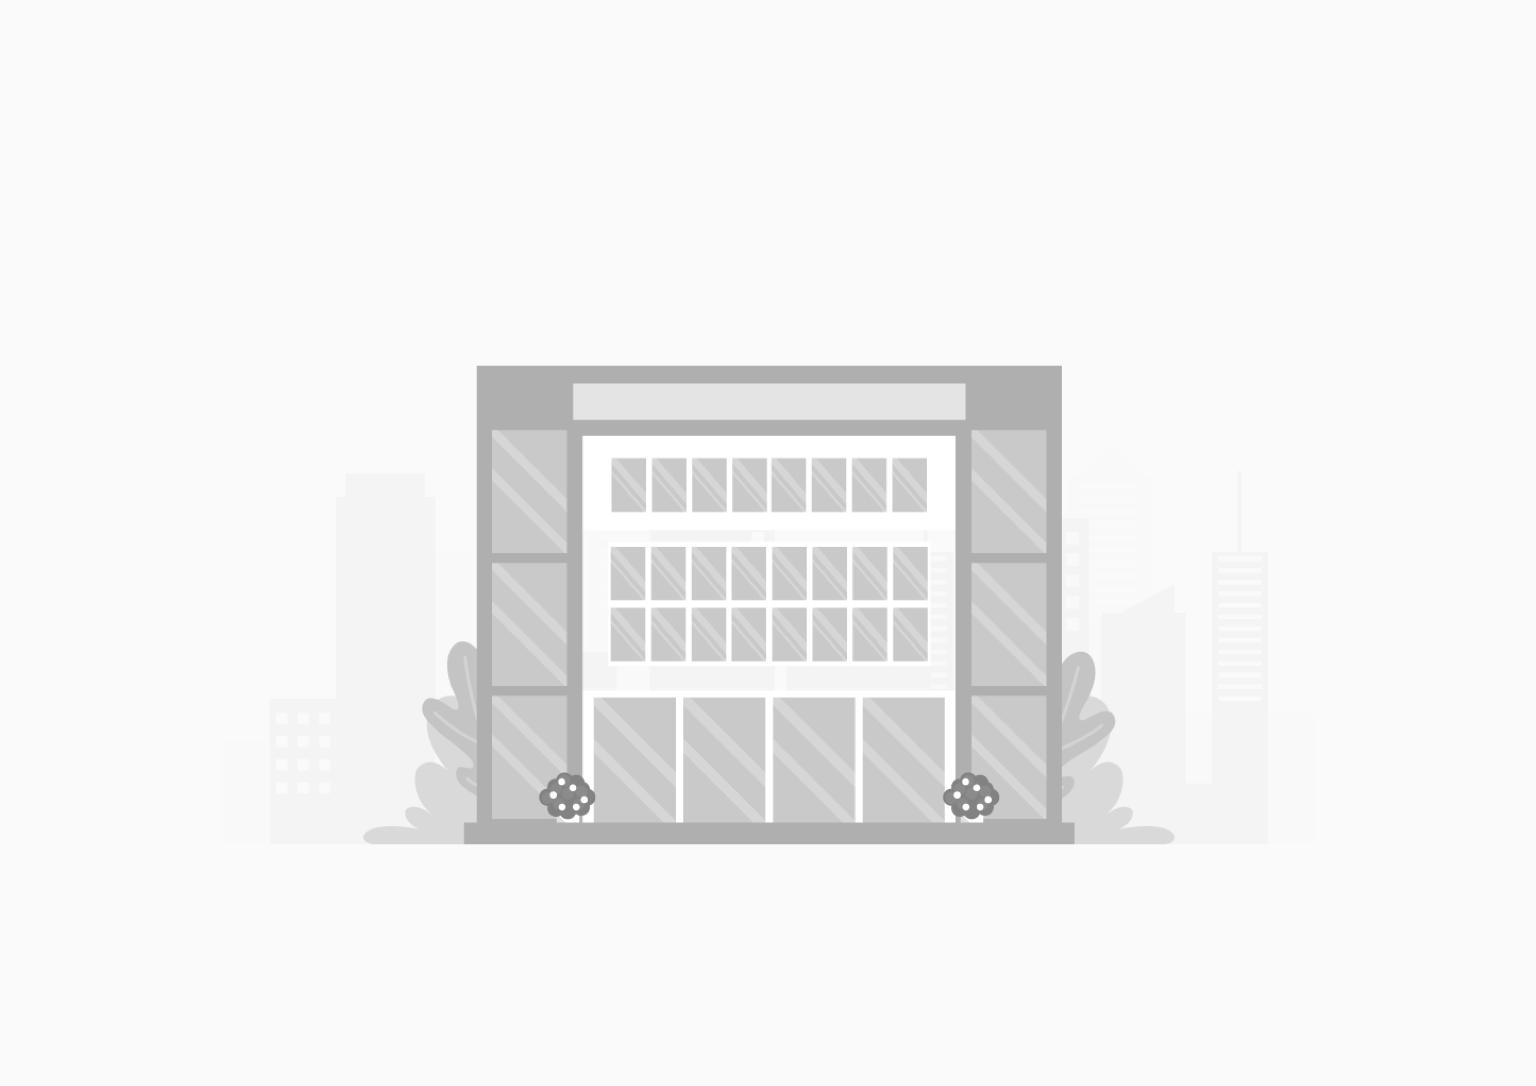 ขายขายเซ้งกิจการ (โรงแรม หอพัก อพาร์ตเมนต์)สะพานควาย จตุจักร : ขายอพาร์ตเมนต์